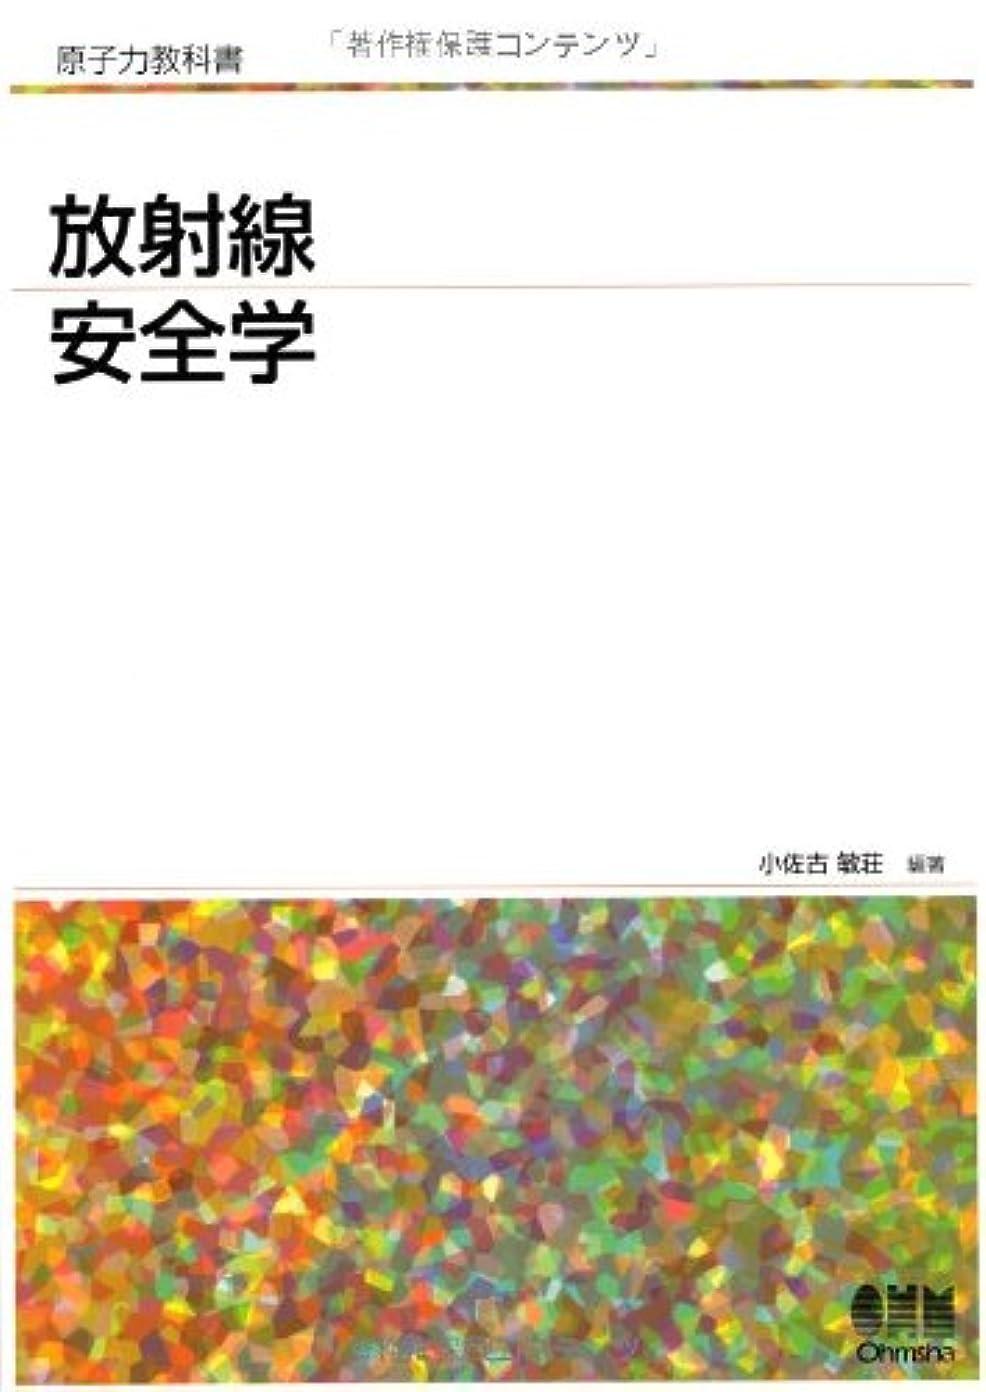 ラフ九月少ない放射線安全学 (原子力教科書)